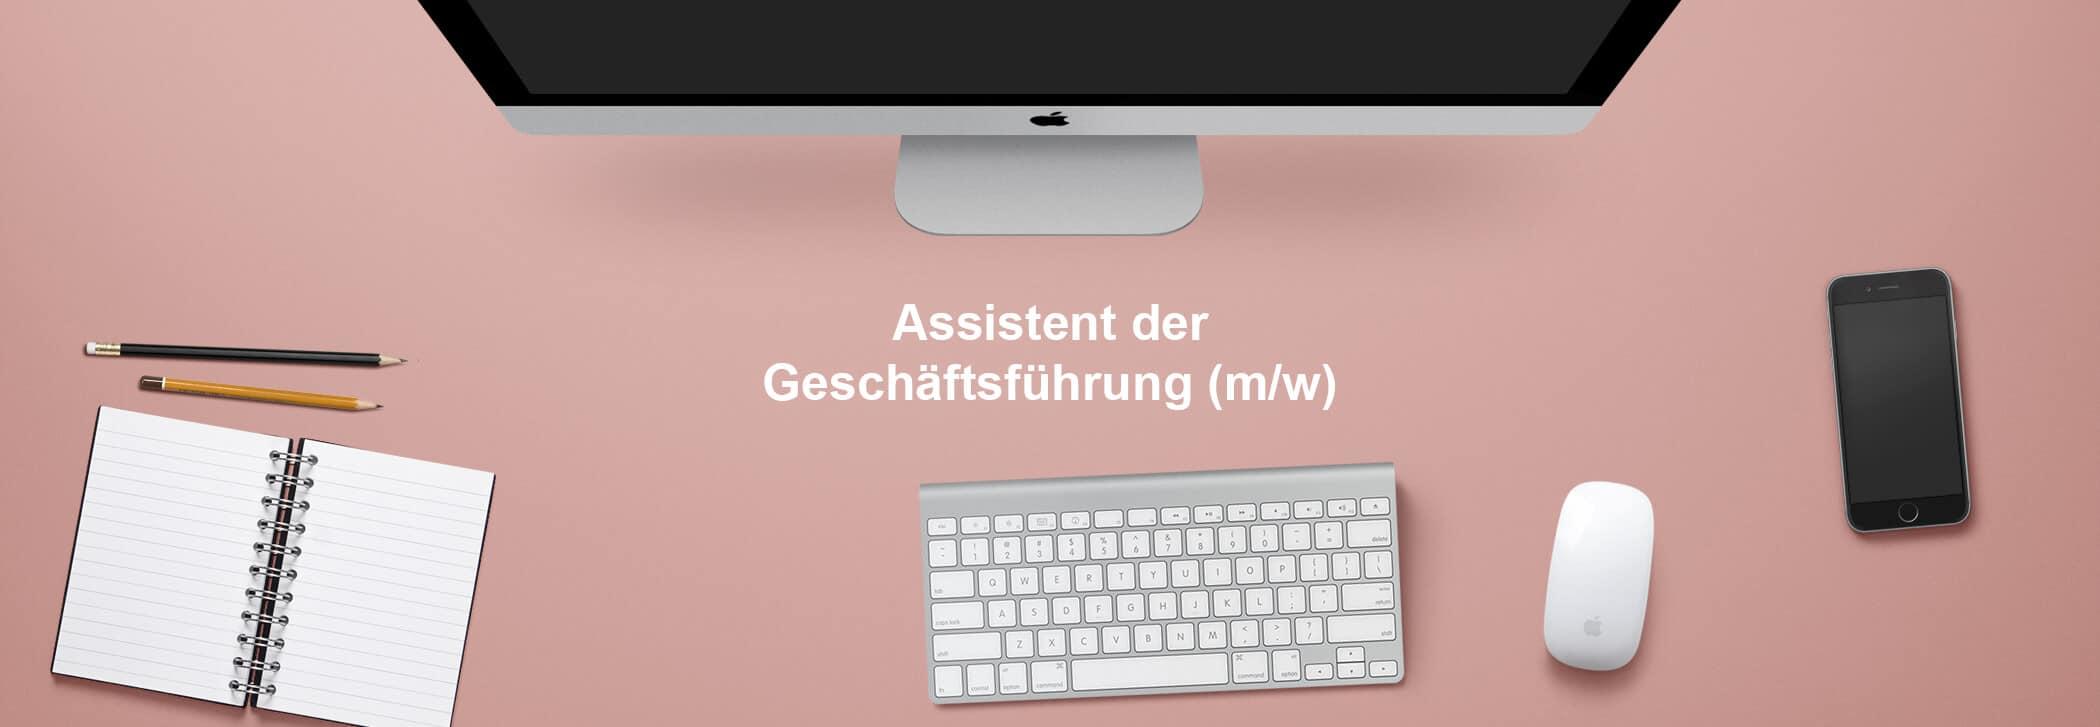 Assistent-der-Geschäftsführung